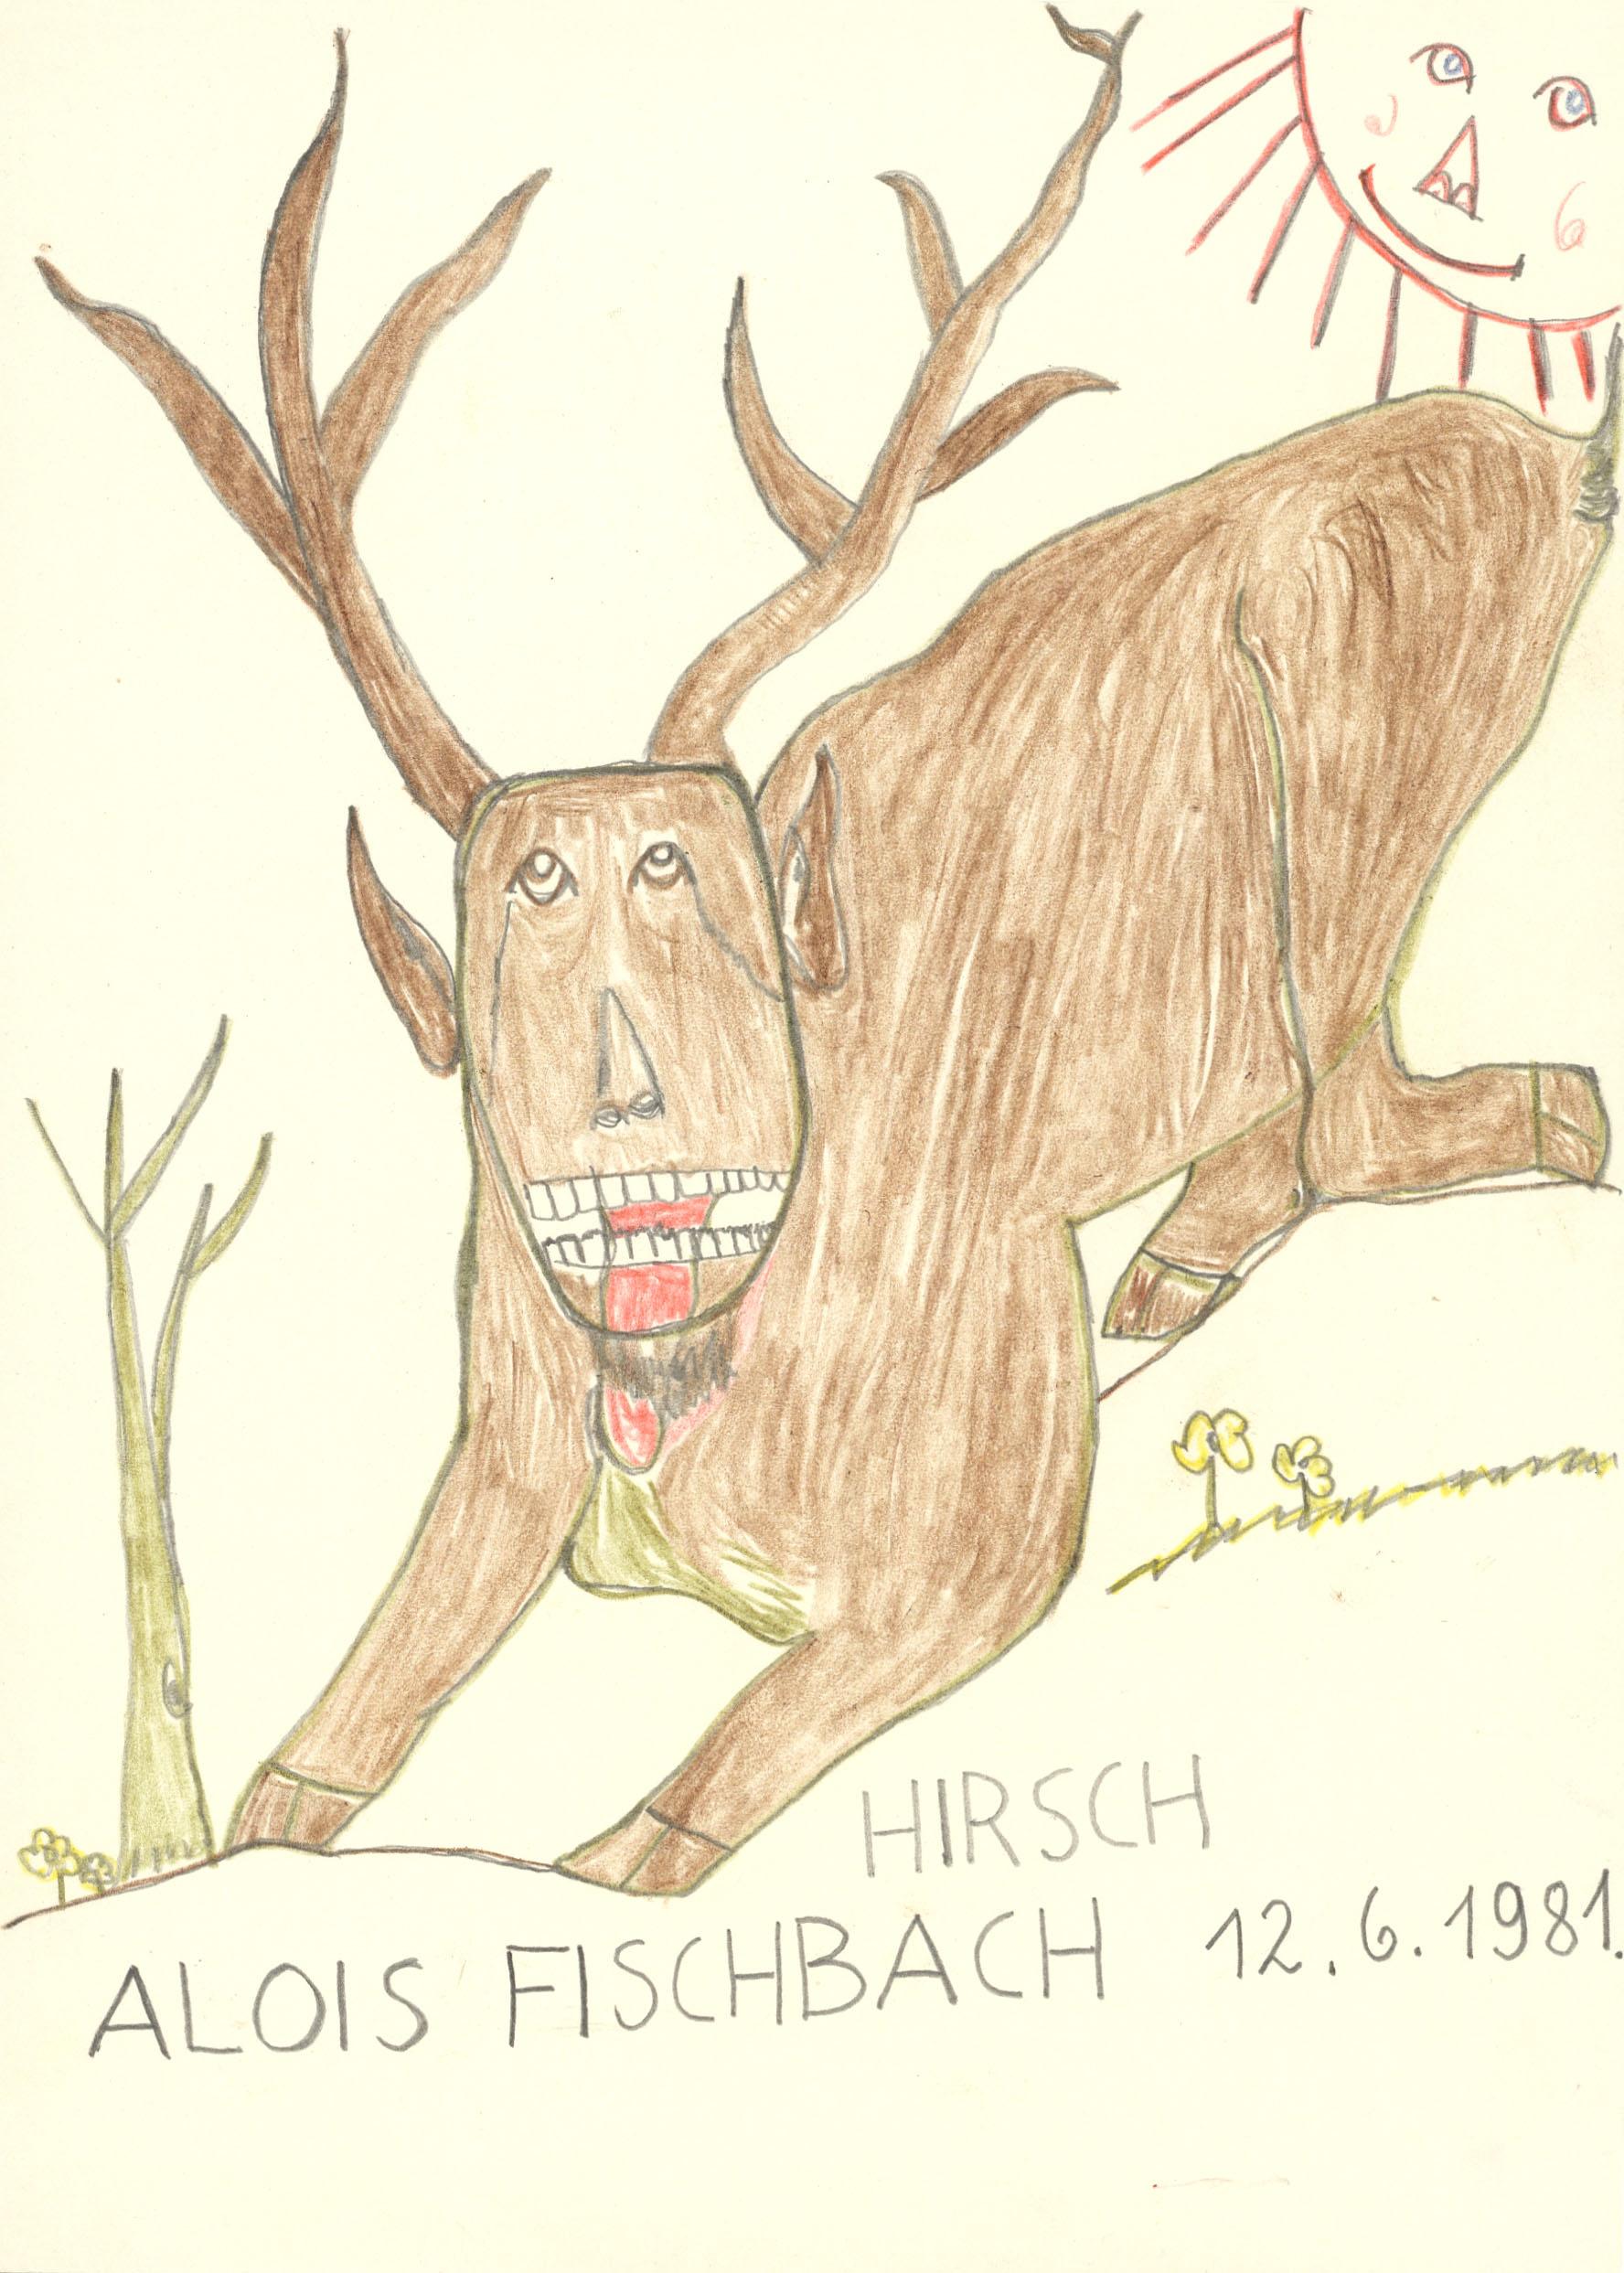 fischbach alois - Hirsch / Deer